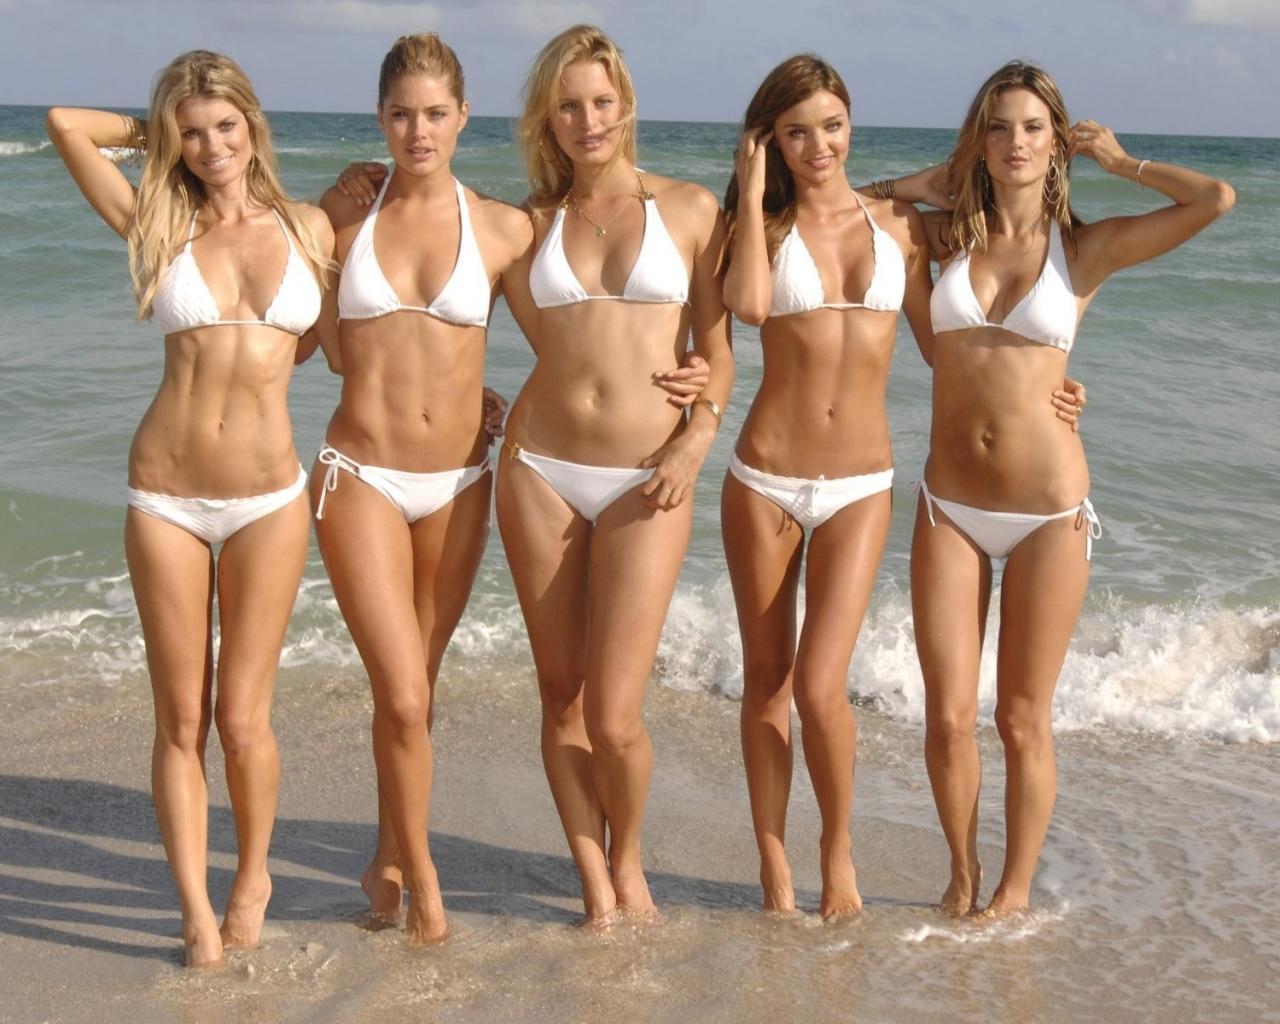 Смотреть девушки на пляже в прозрачных купальниках 20 фотография